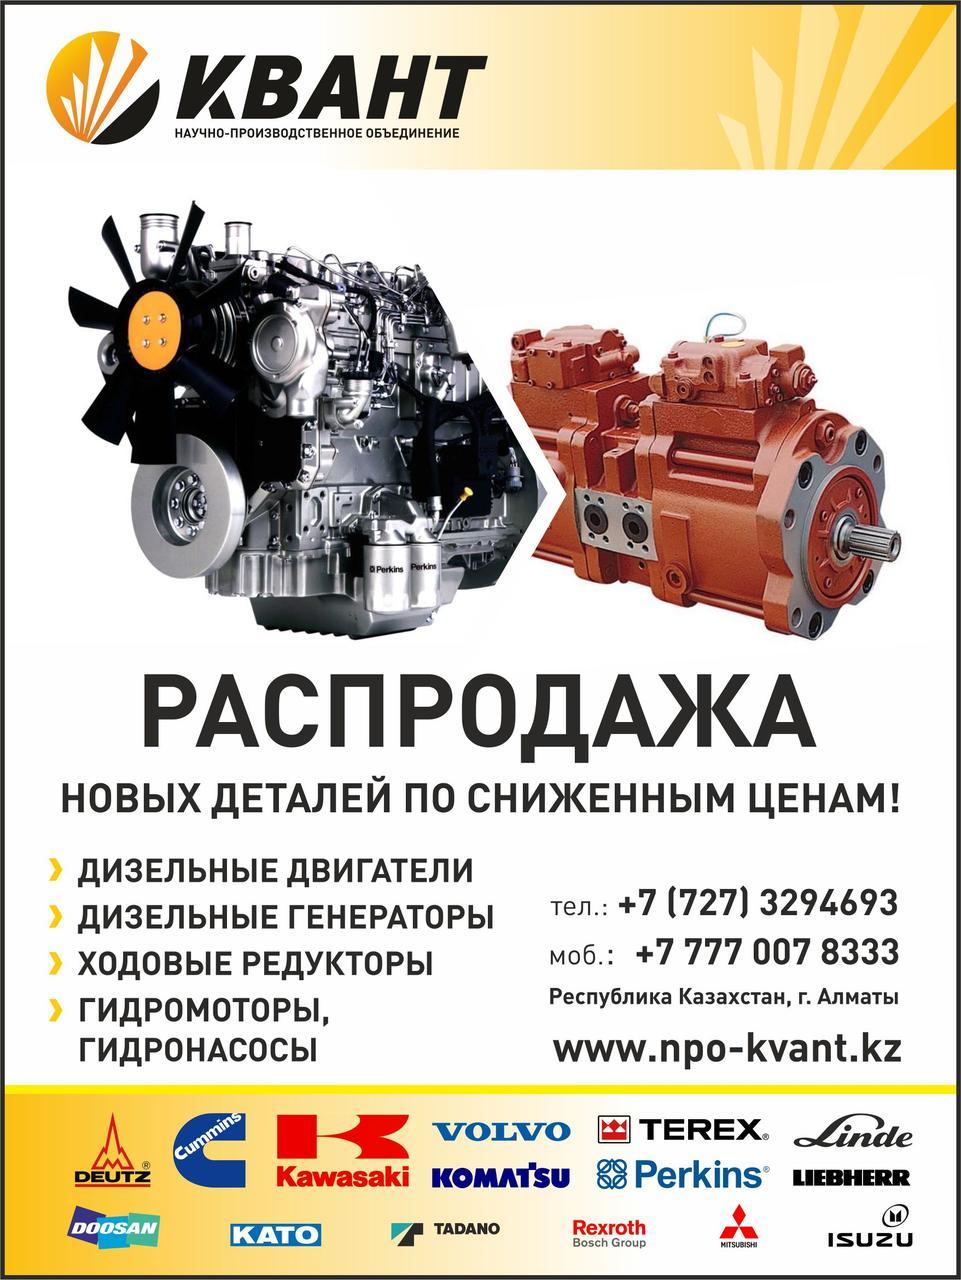 Двигатель Komatsu S6D114E-1, Komatsu SA6D114E-1, Komatsu SAA6D114E-1, Komatsu SAA6D114E-2